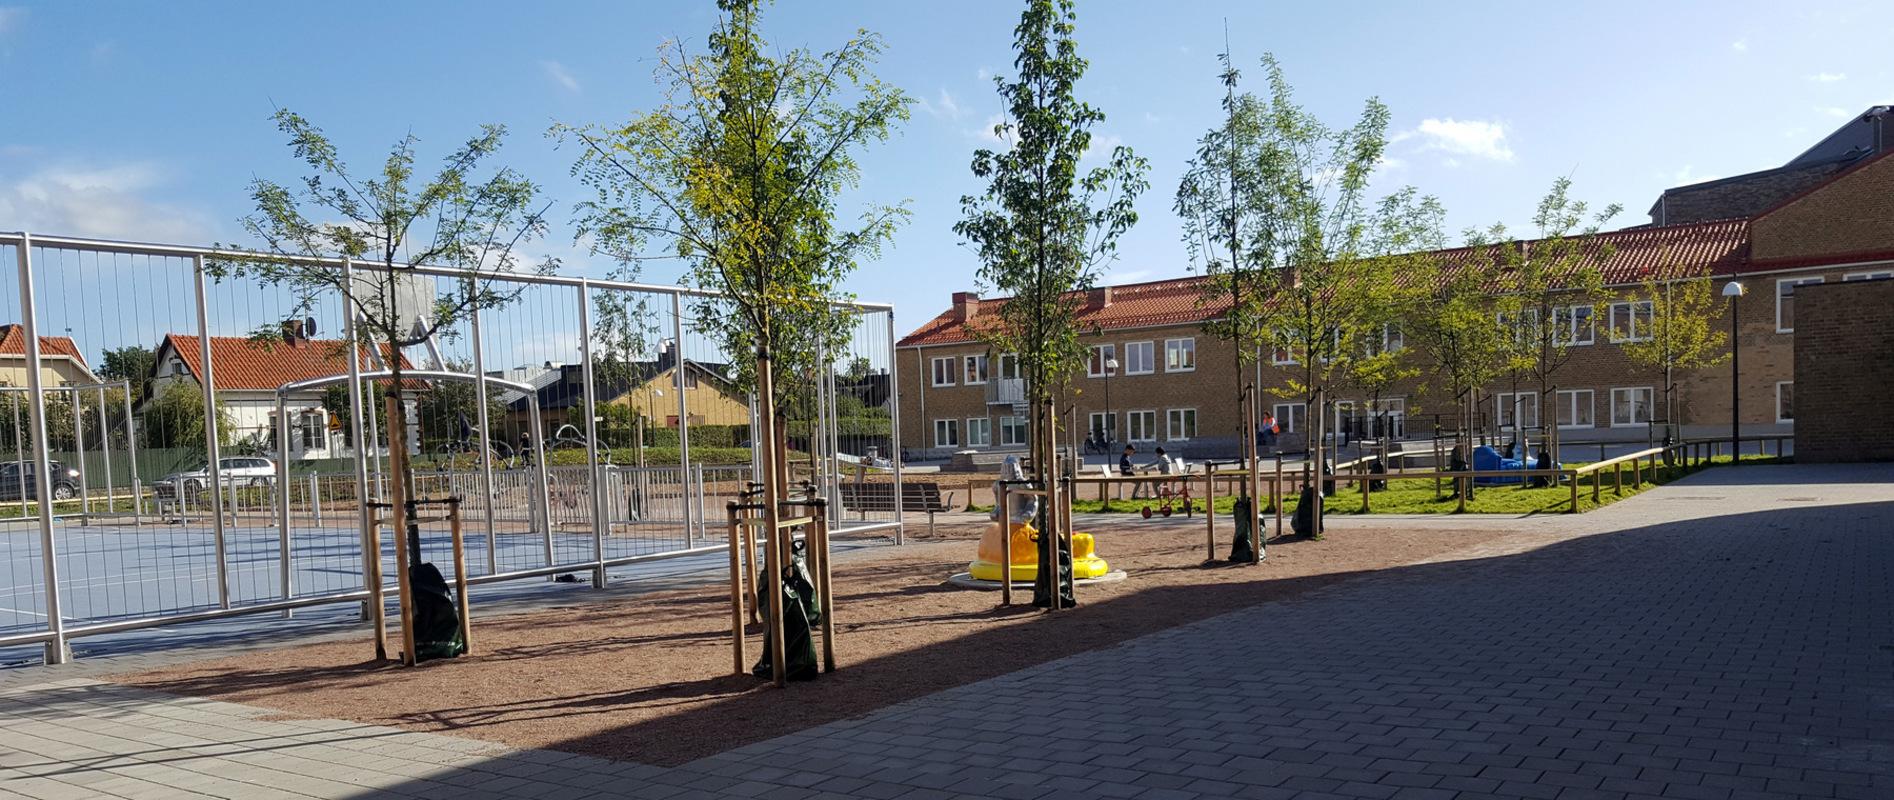 www.lenaflodman.com - Riddaren and Isbjörnen, fibreglass + aluminum One of five sculptures in Kotten & Co for Geijerskolan Limhamn, Malmö. Inaugurated 22 Sept 2017.